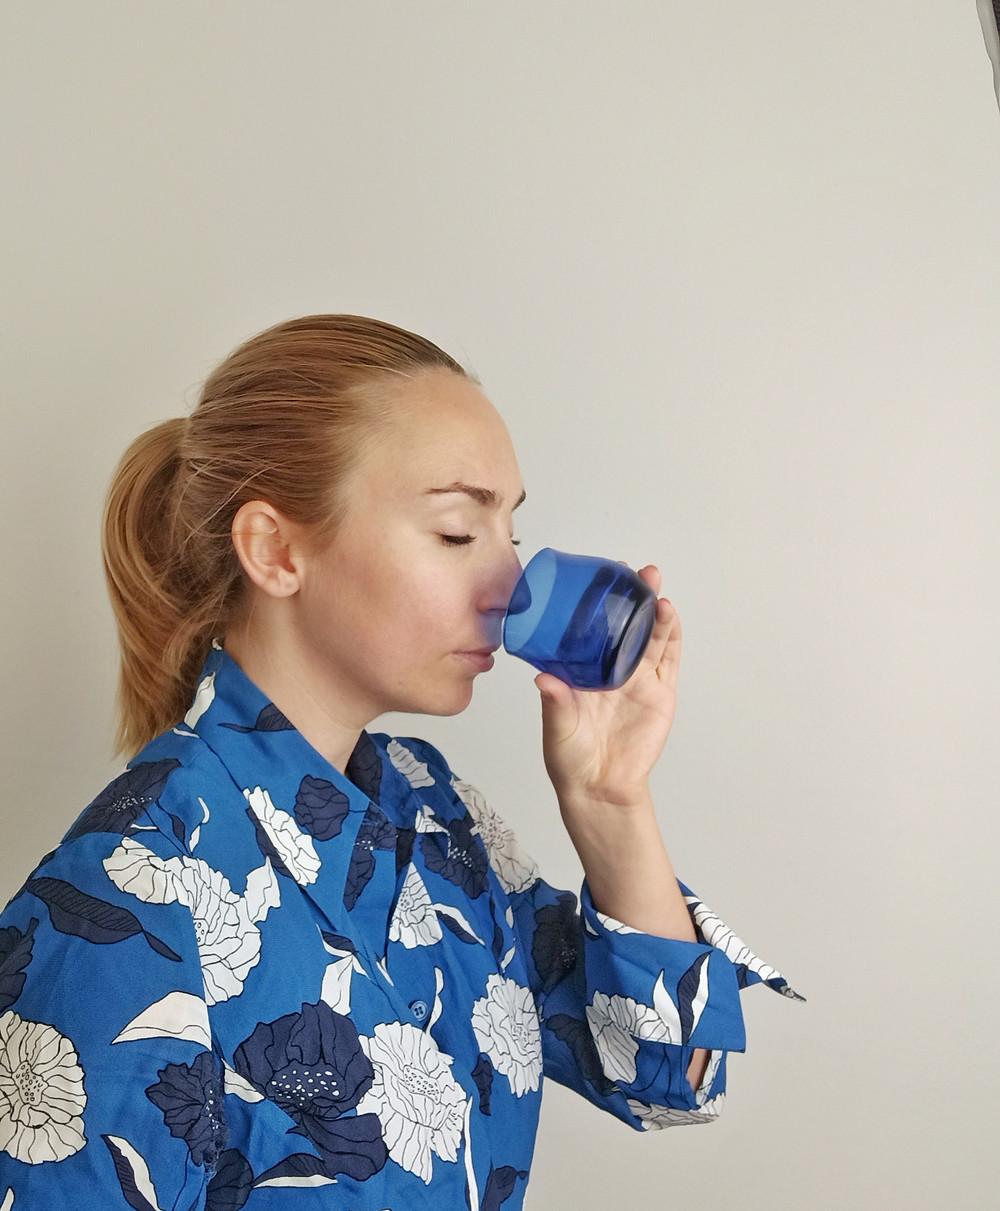 melanie pascal riecht an einem blauen originalen olivenöl glas für die verkostung